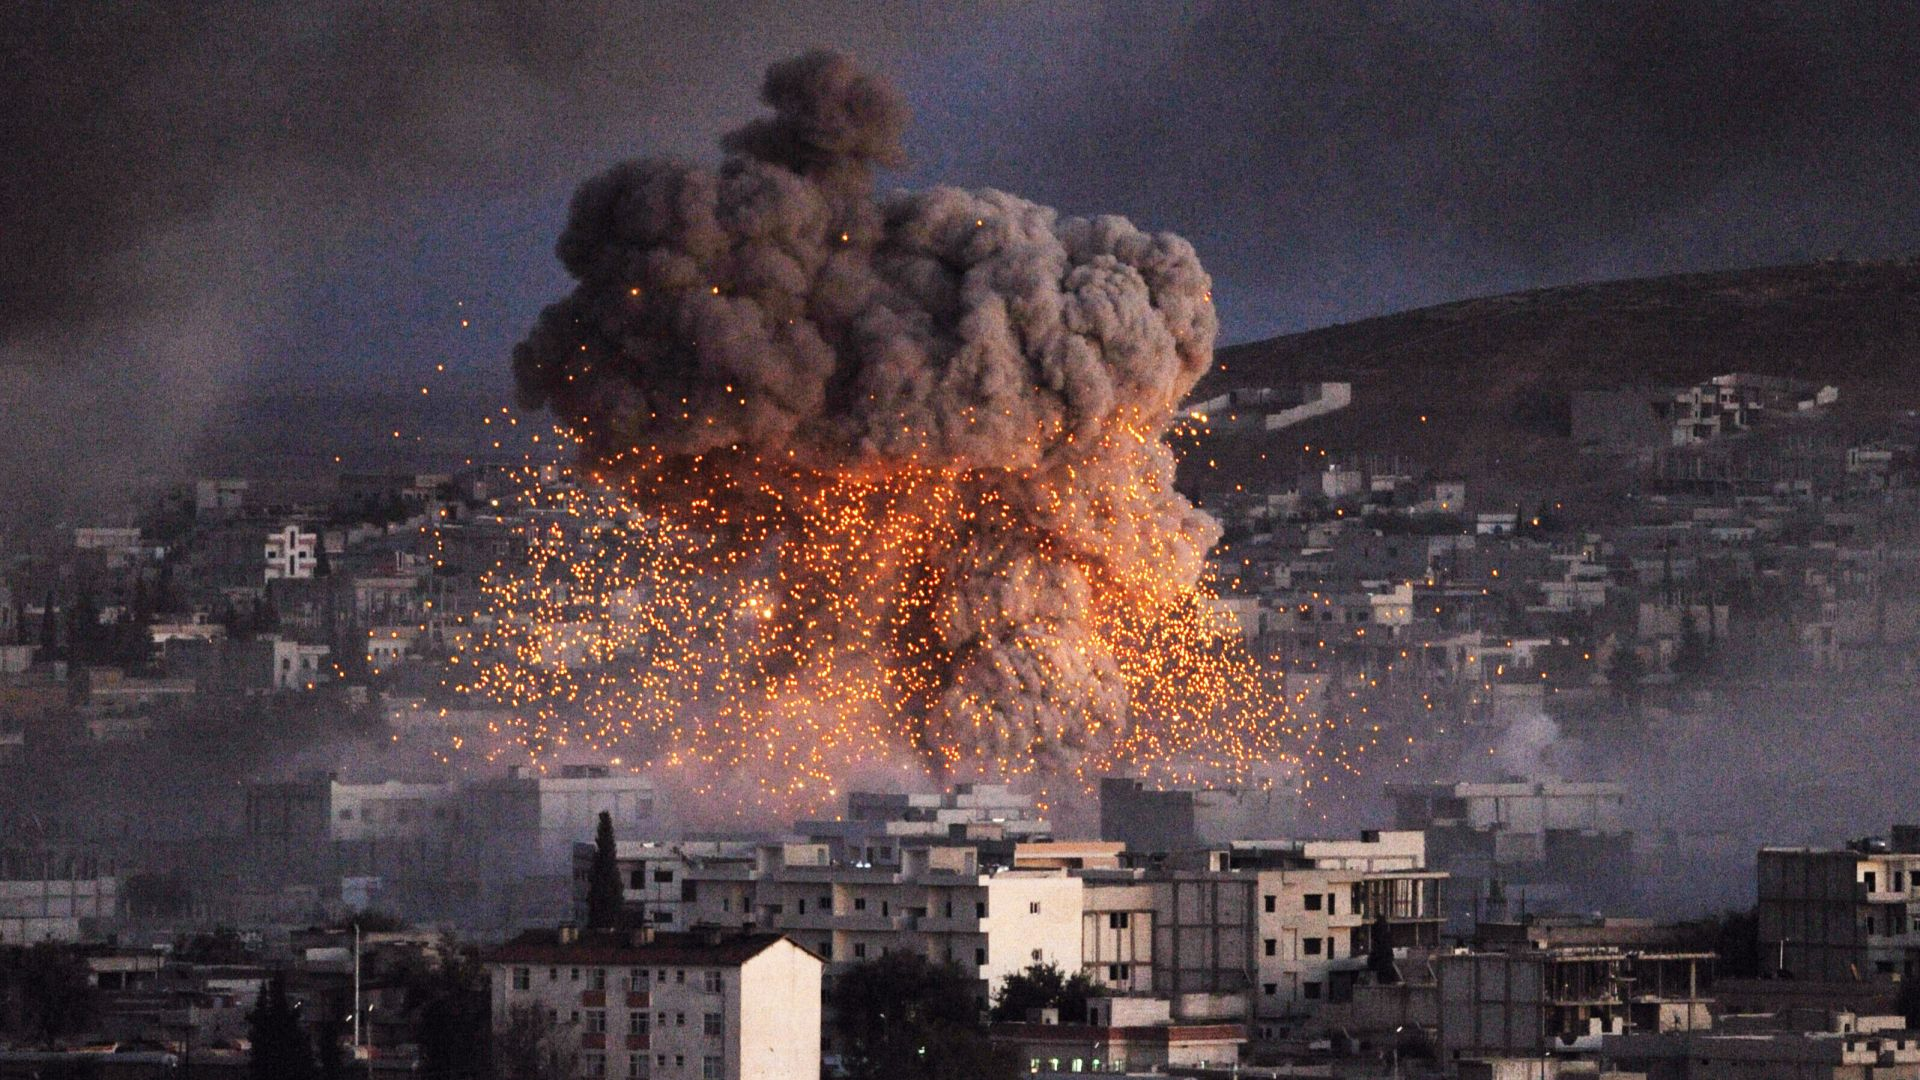 САЩ, UK и Франция удариха с ракети Сирия